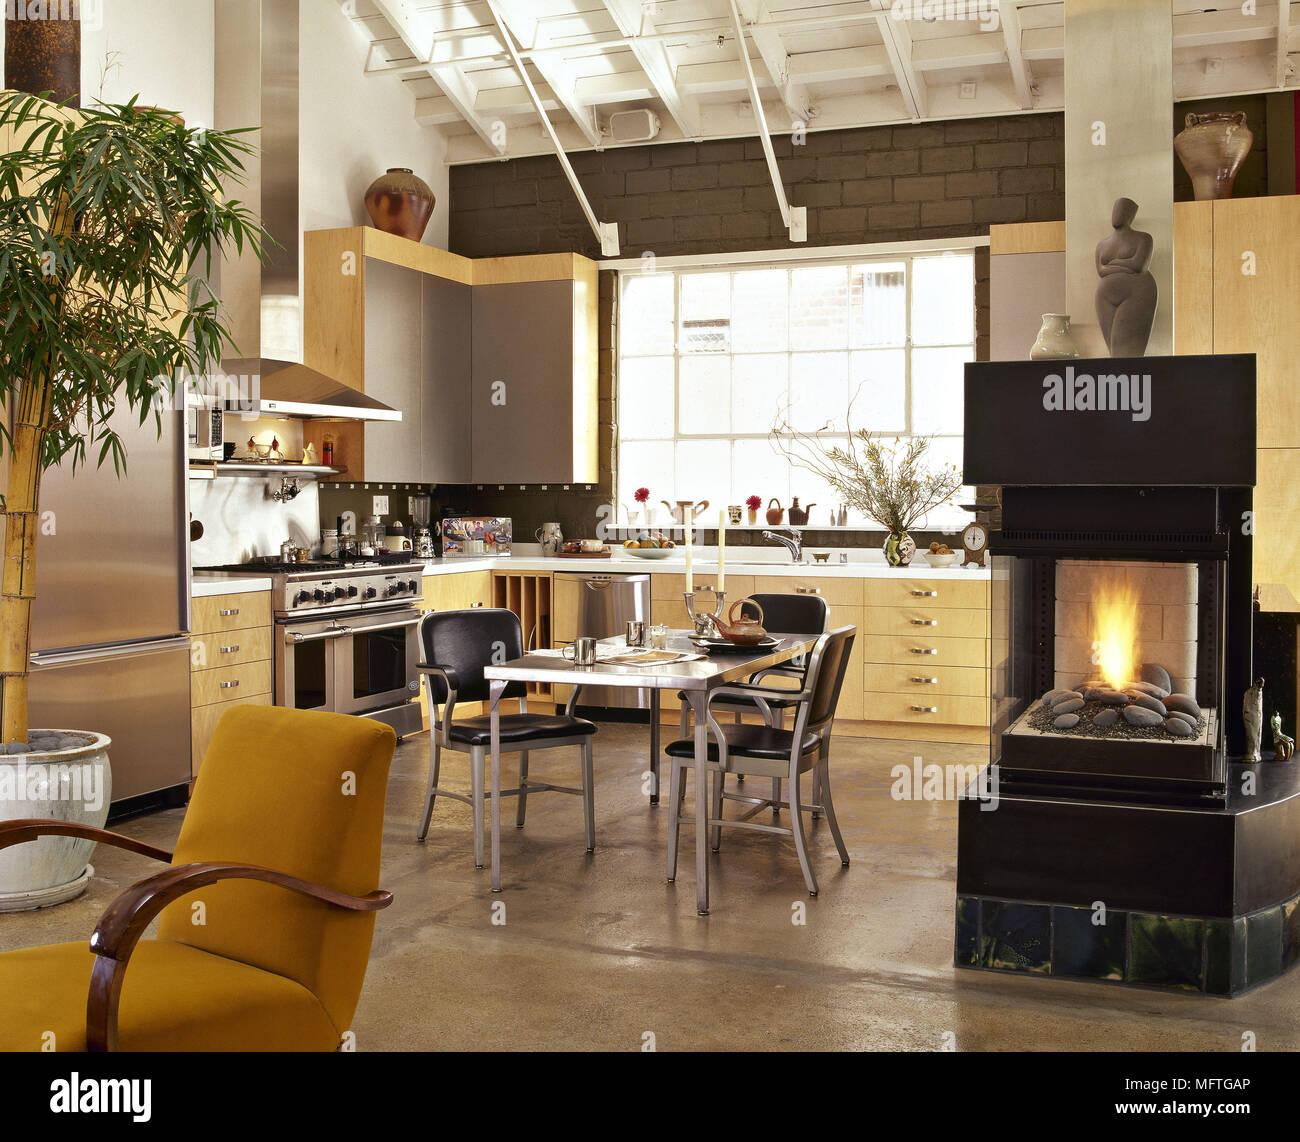 Moderne offene Küche Essbereich gelb Units Central fester Brennstoff ...